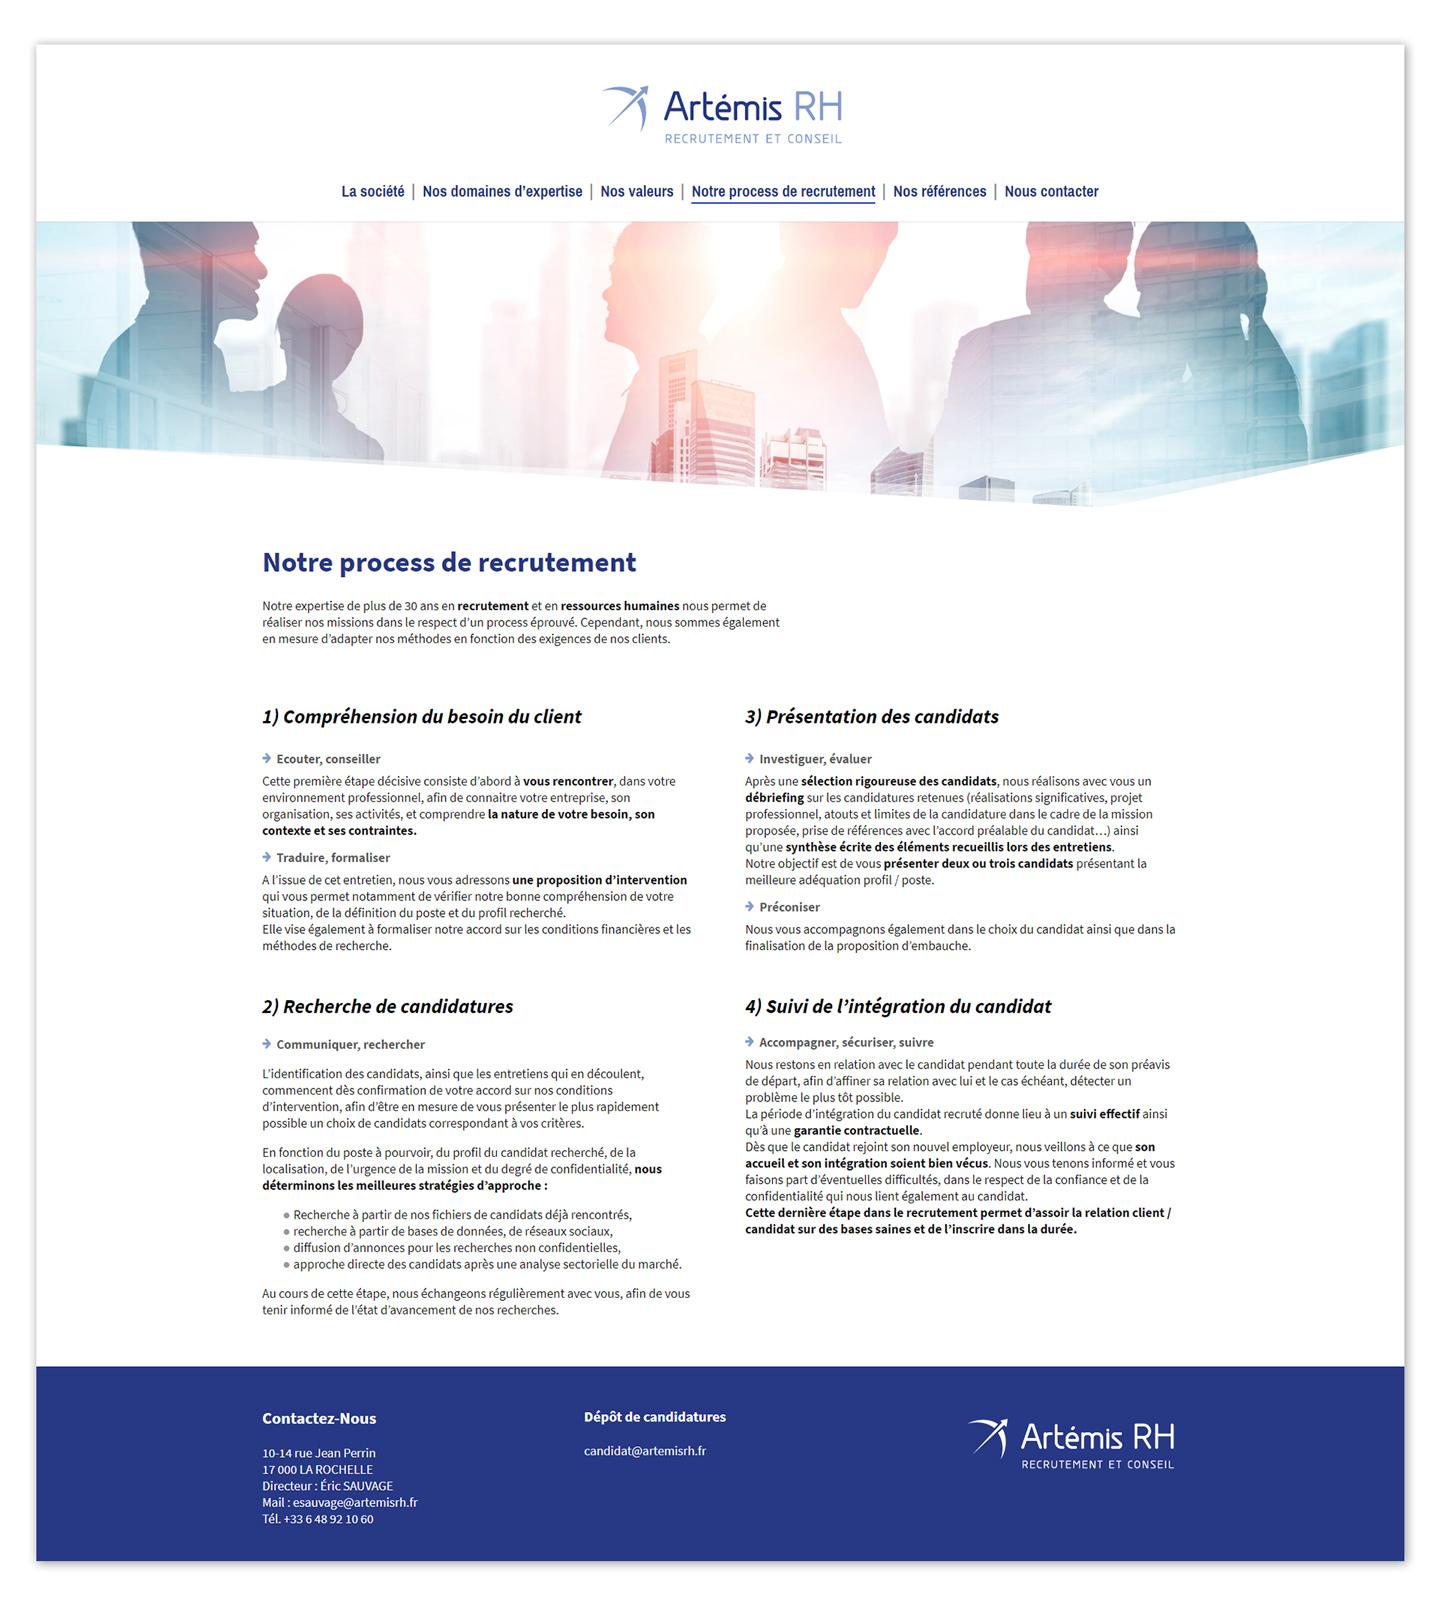 Création d'un site web pour un cabinet de conseil et de recrutement